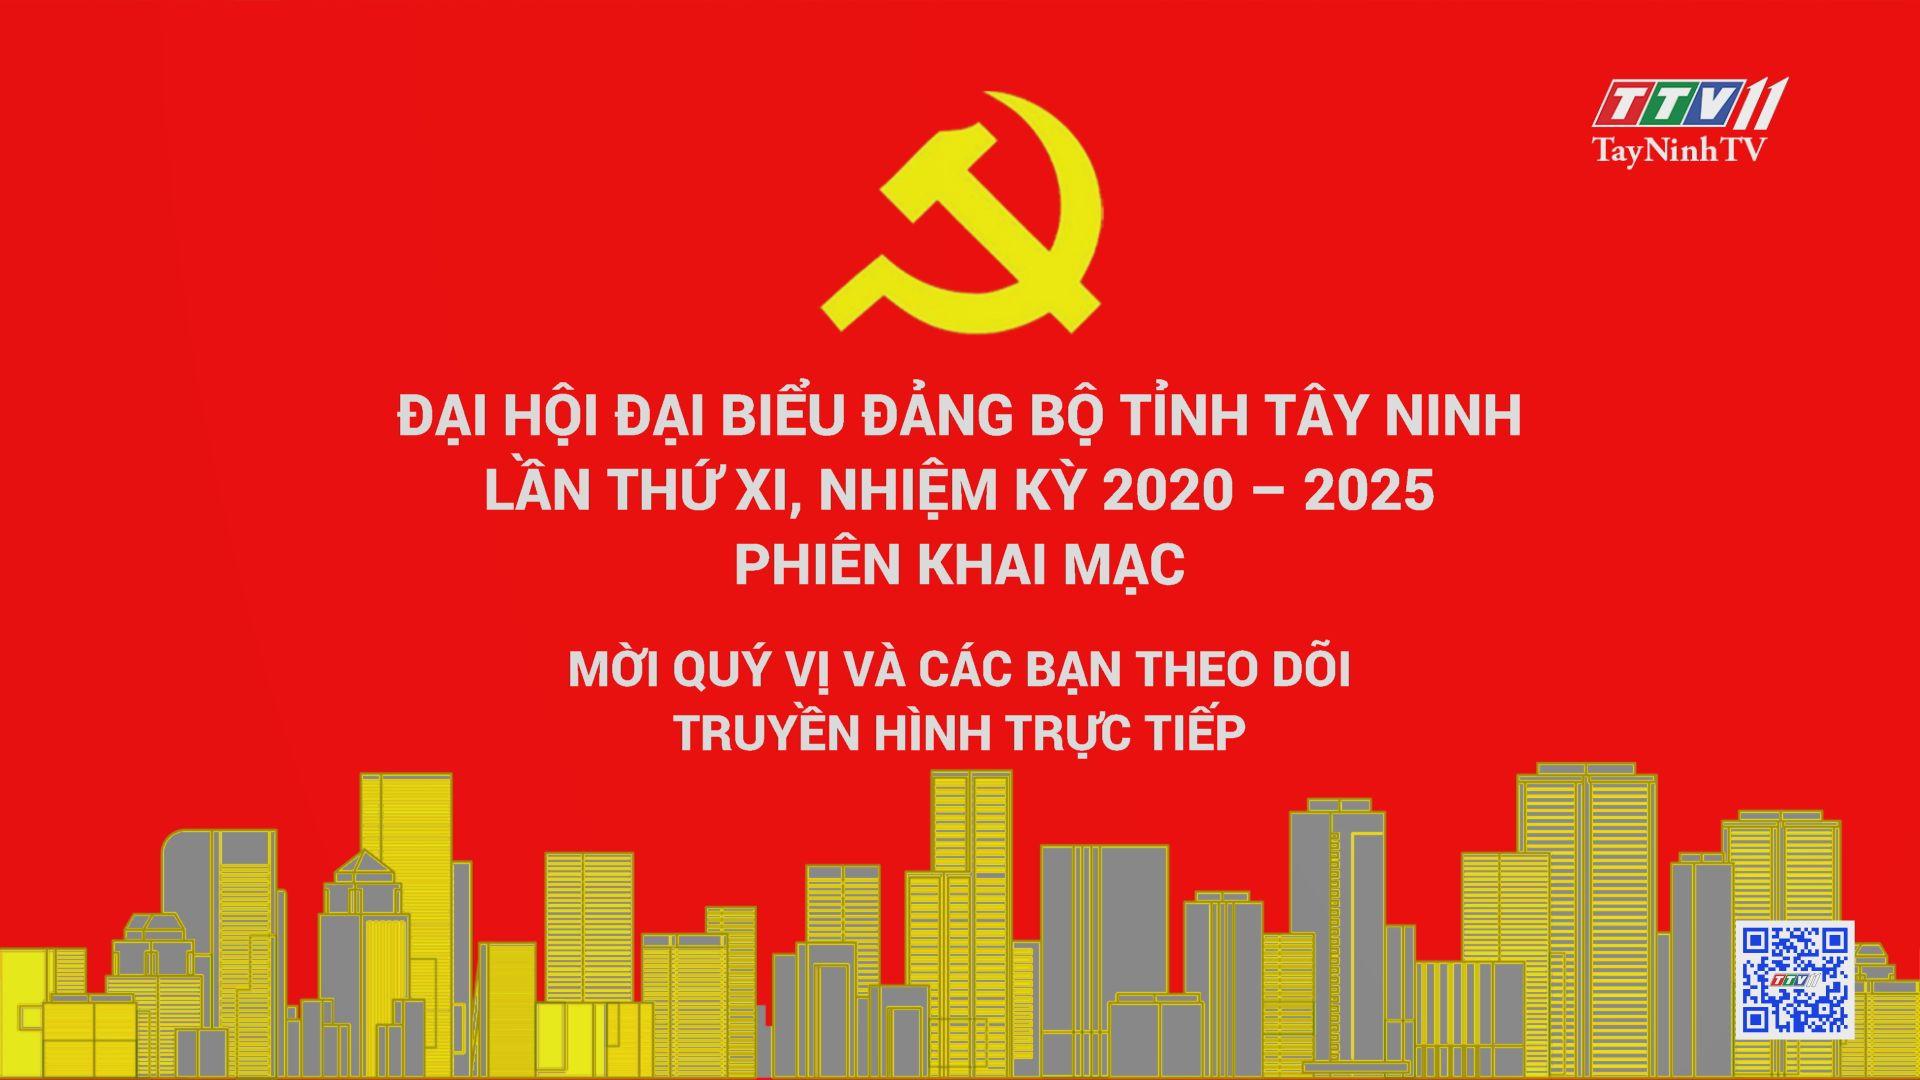 PHIÊN KHAI MẠC-Đại hội Đại biểu Đảng bộ tỉnh Tây Ninh lần thứ XI, nhiệm kỳ 2020-2025 | ĐẠI HỘI ĐẢNG CÁC CẤP | TayNinhTV